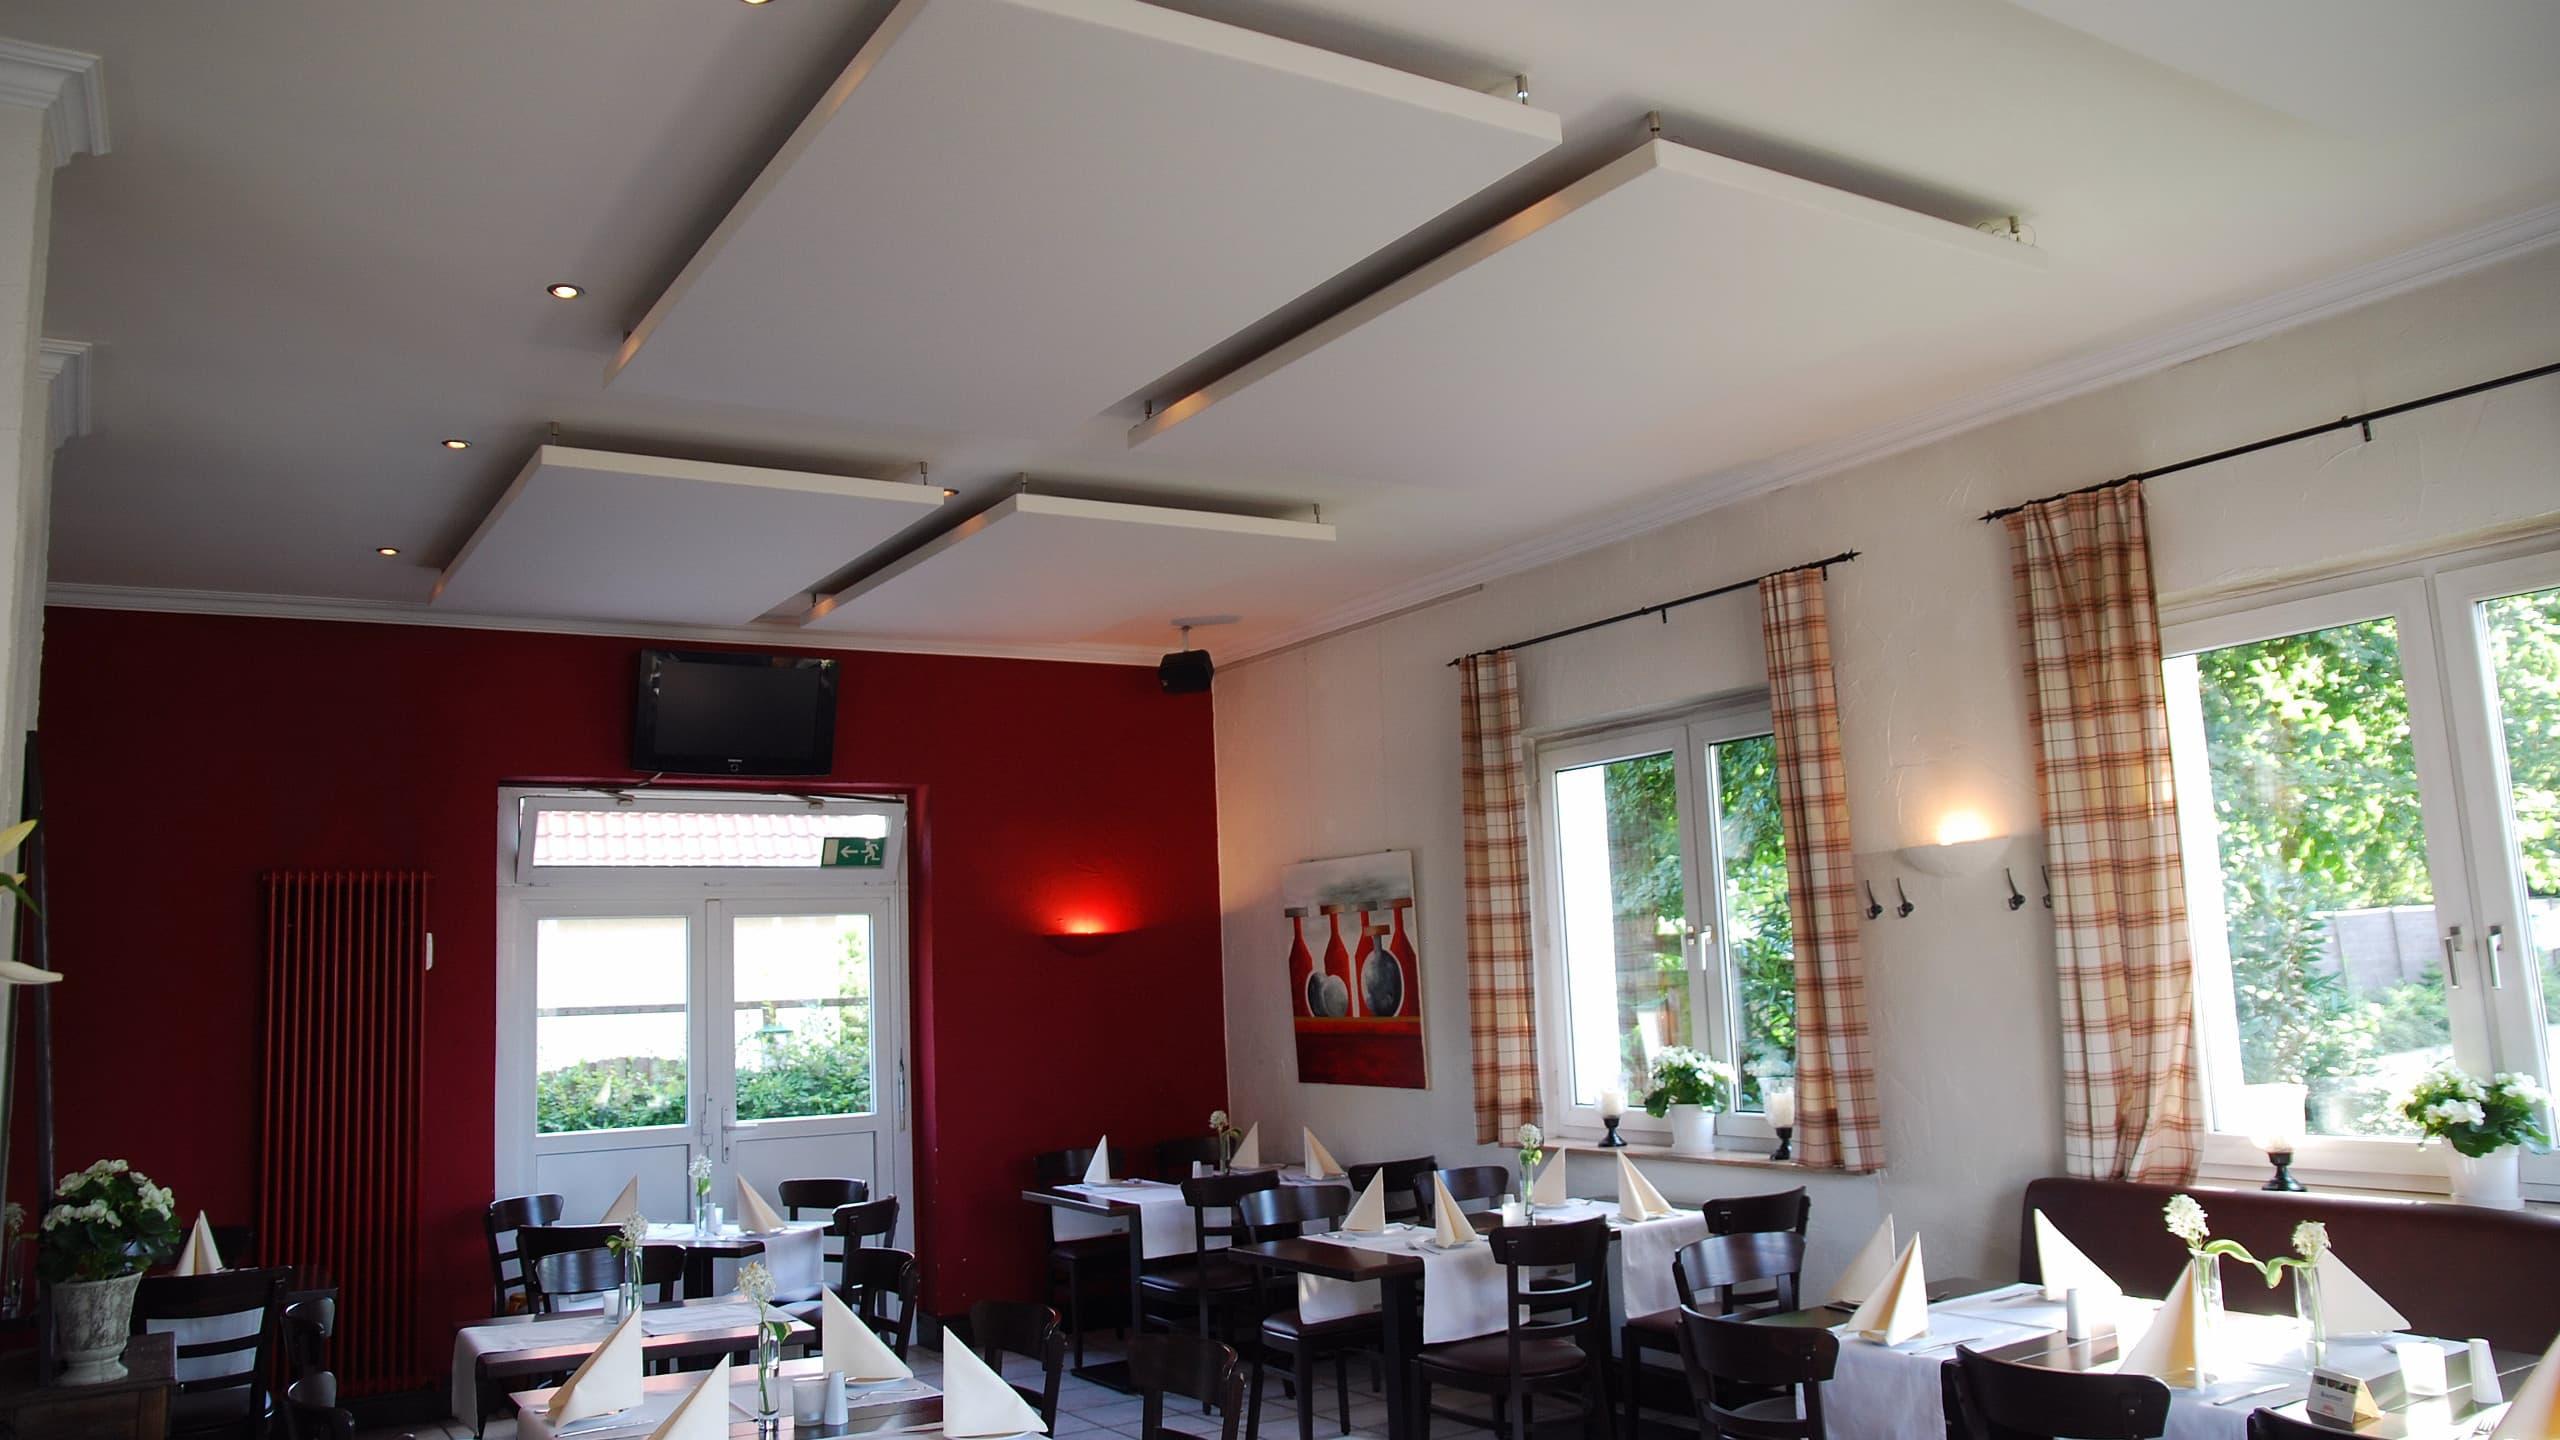 Restaurant - View 2